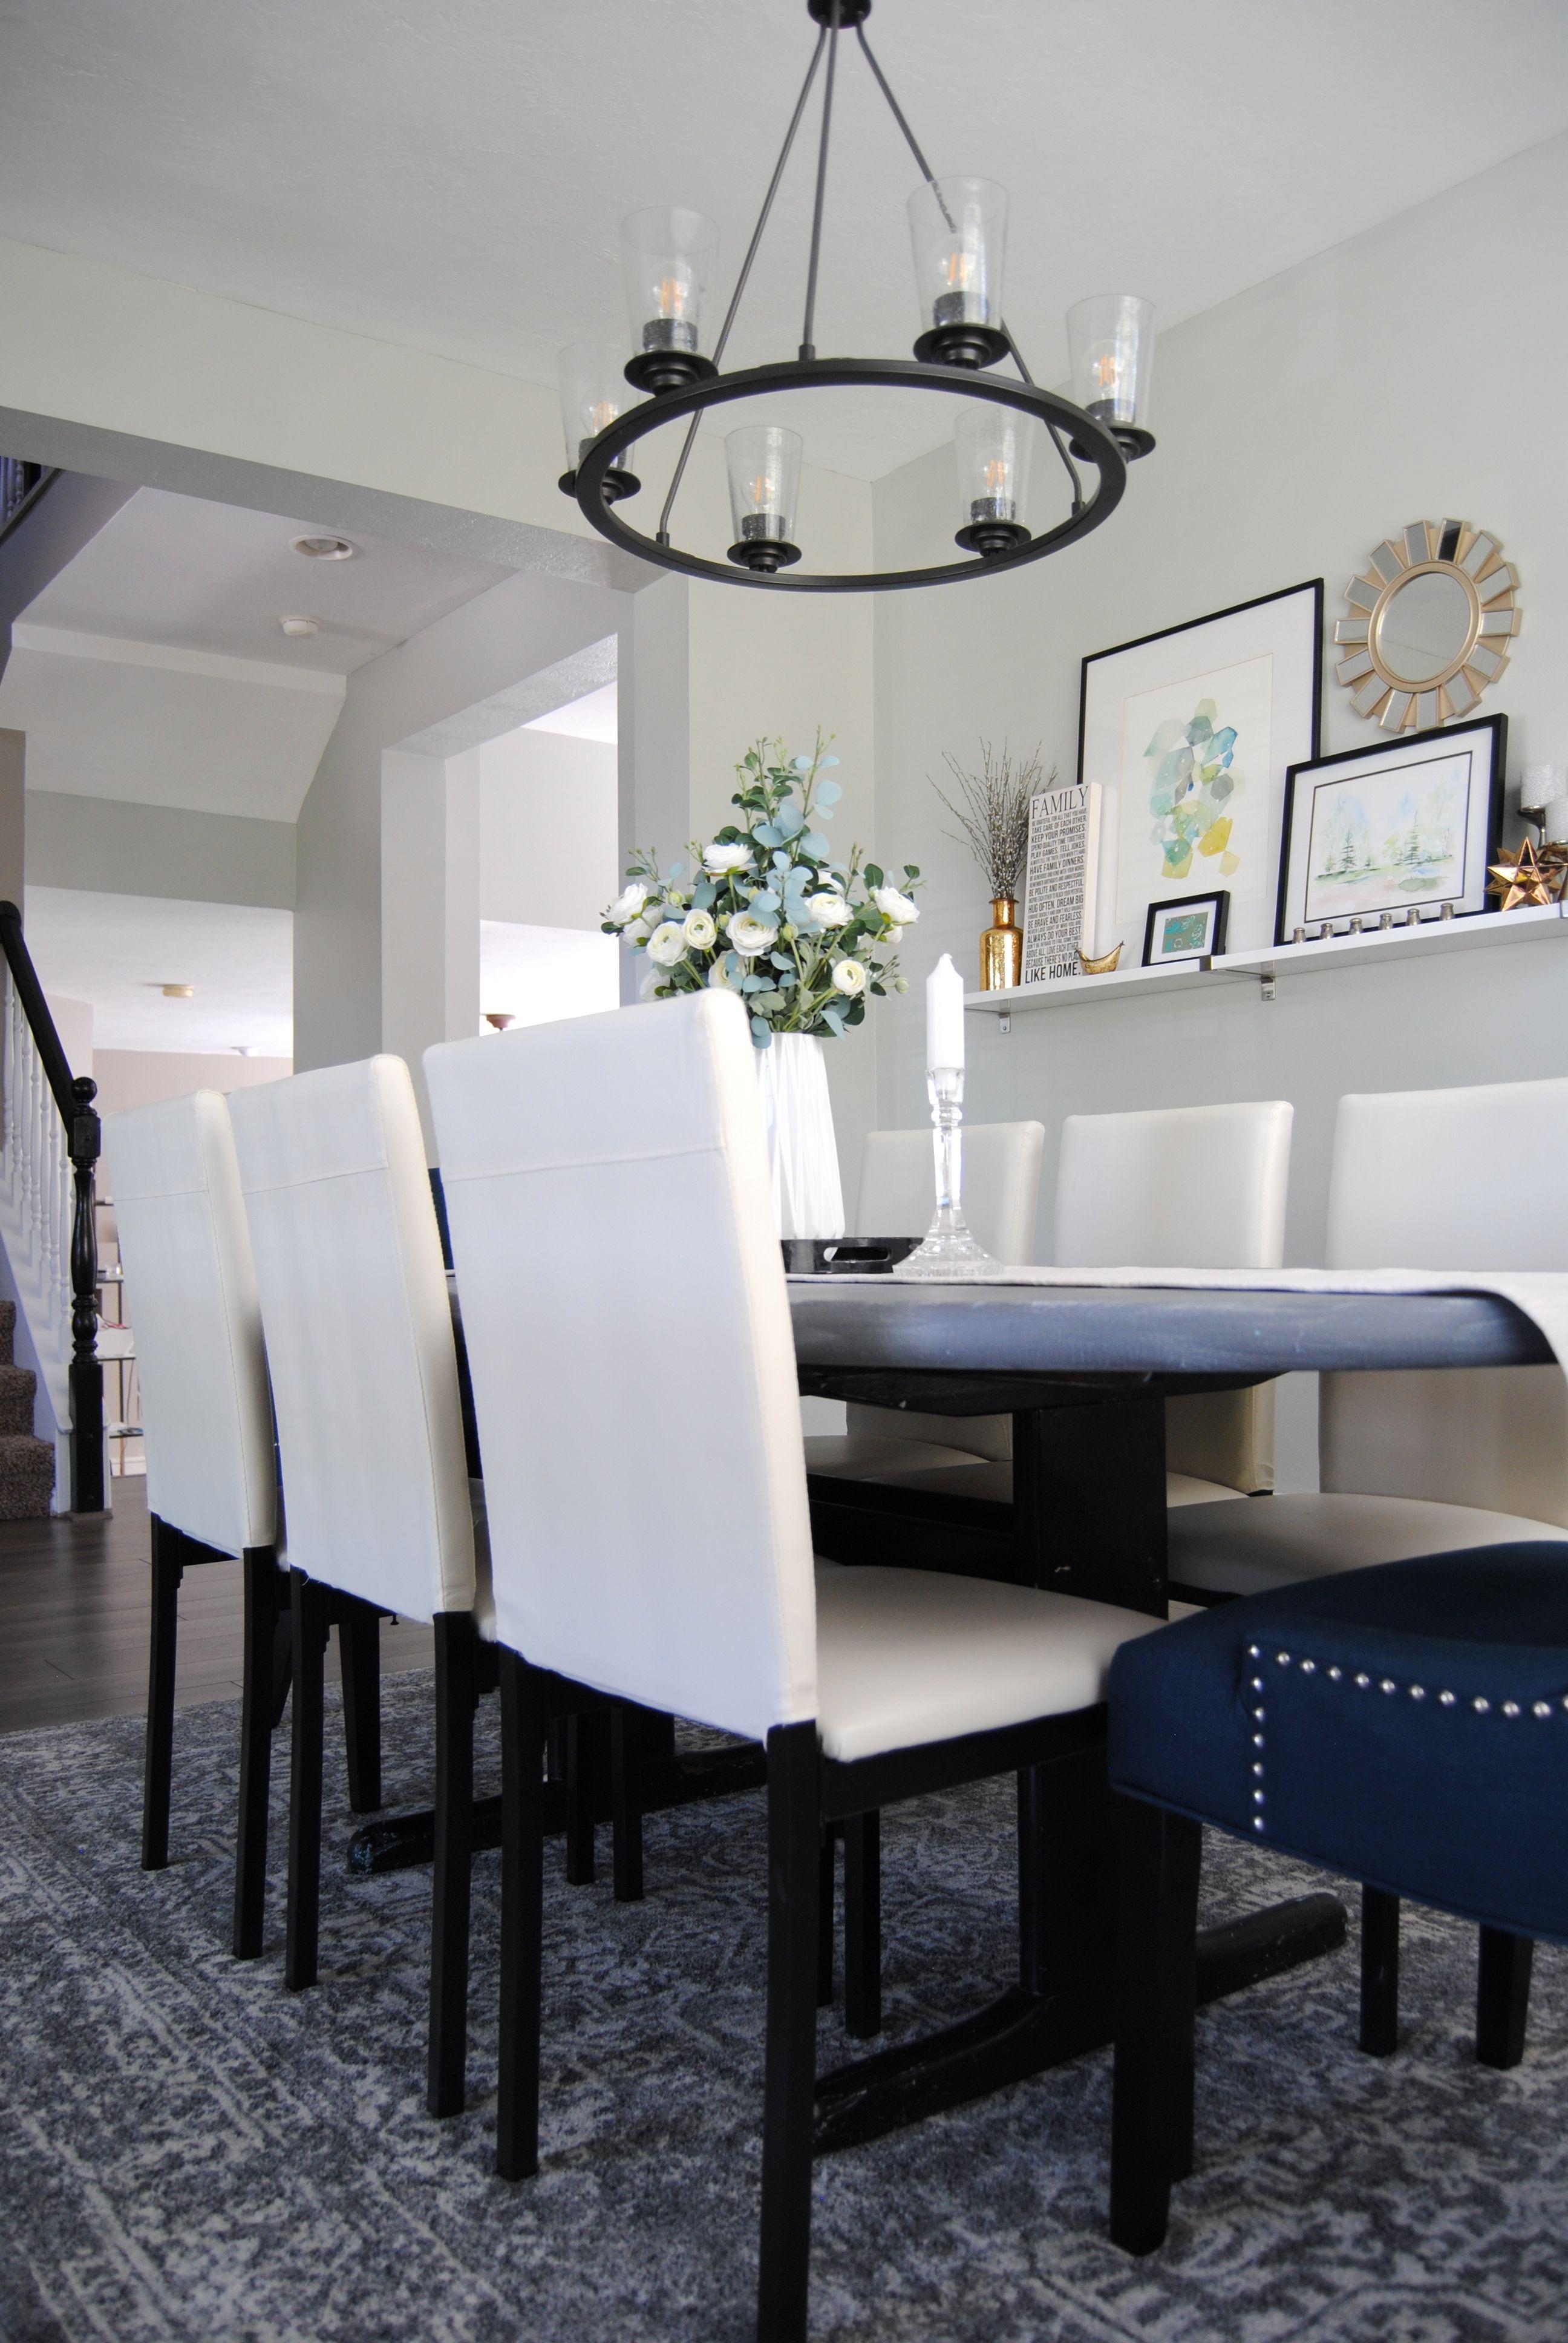 Debut Chandelier By Progress Lighting Designer Spotlight Studio 7 Interiors